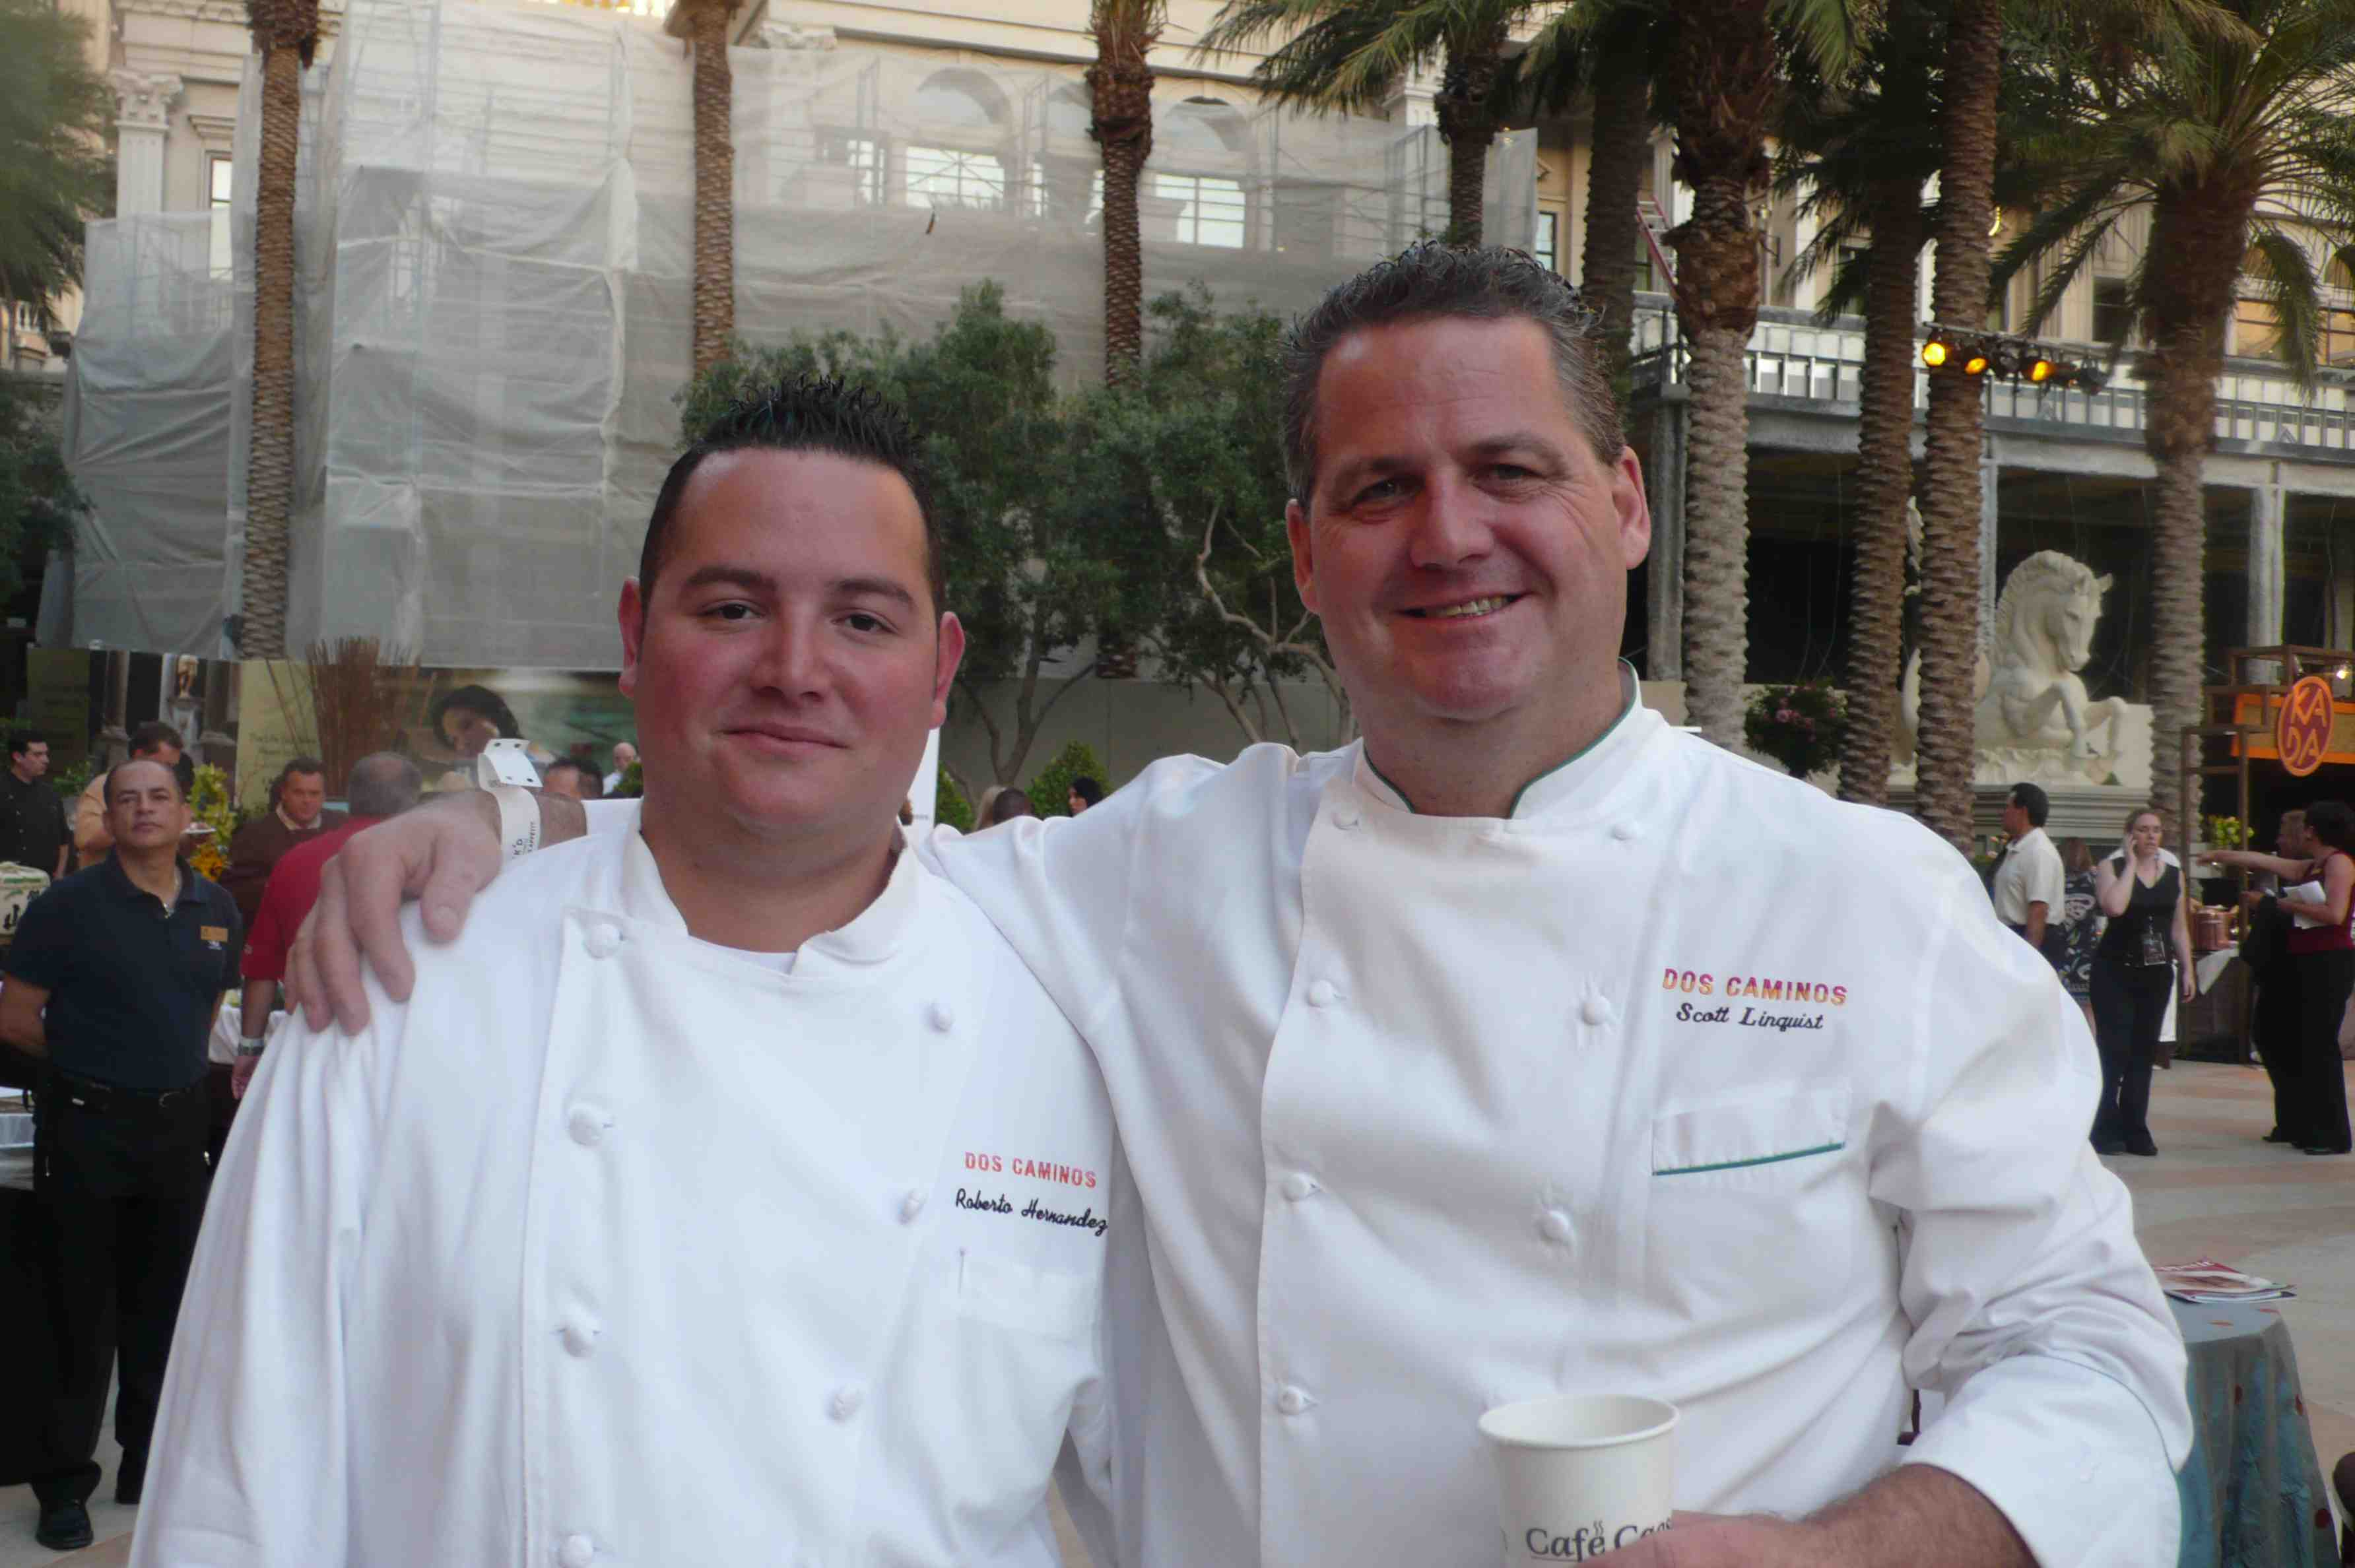 Dos Caminos chefs, Scott Linquist and Roberto Hernandez